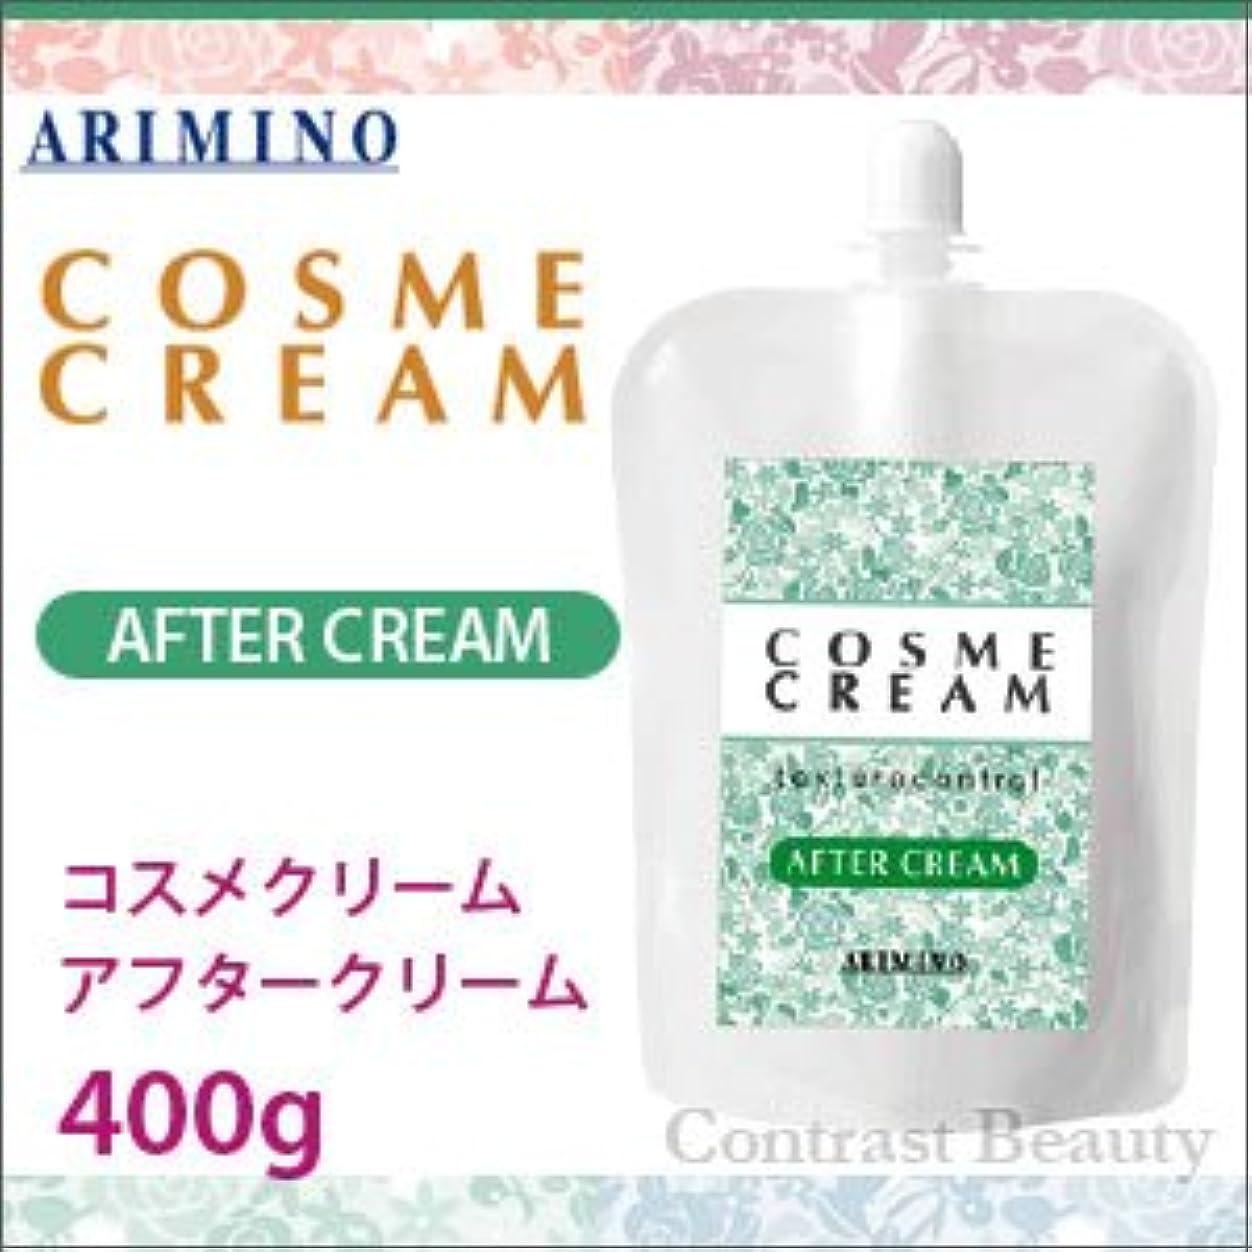 できない舌メロン【X5個セット】 アリミノ コスメクリーム アフタークリーム 400g